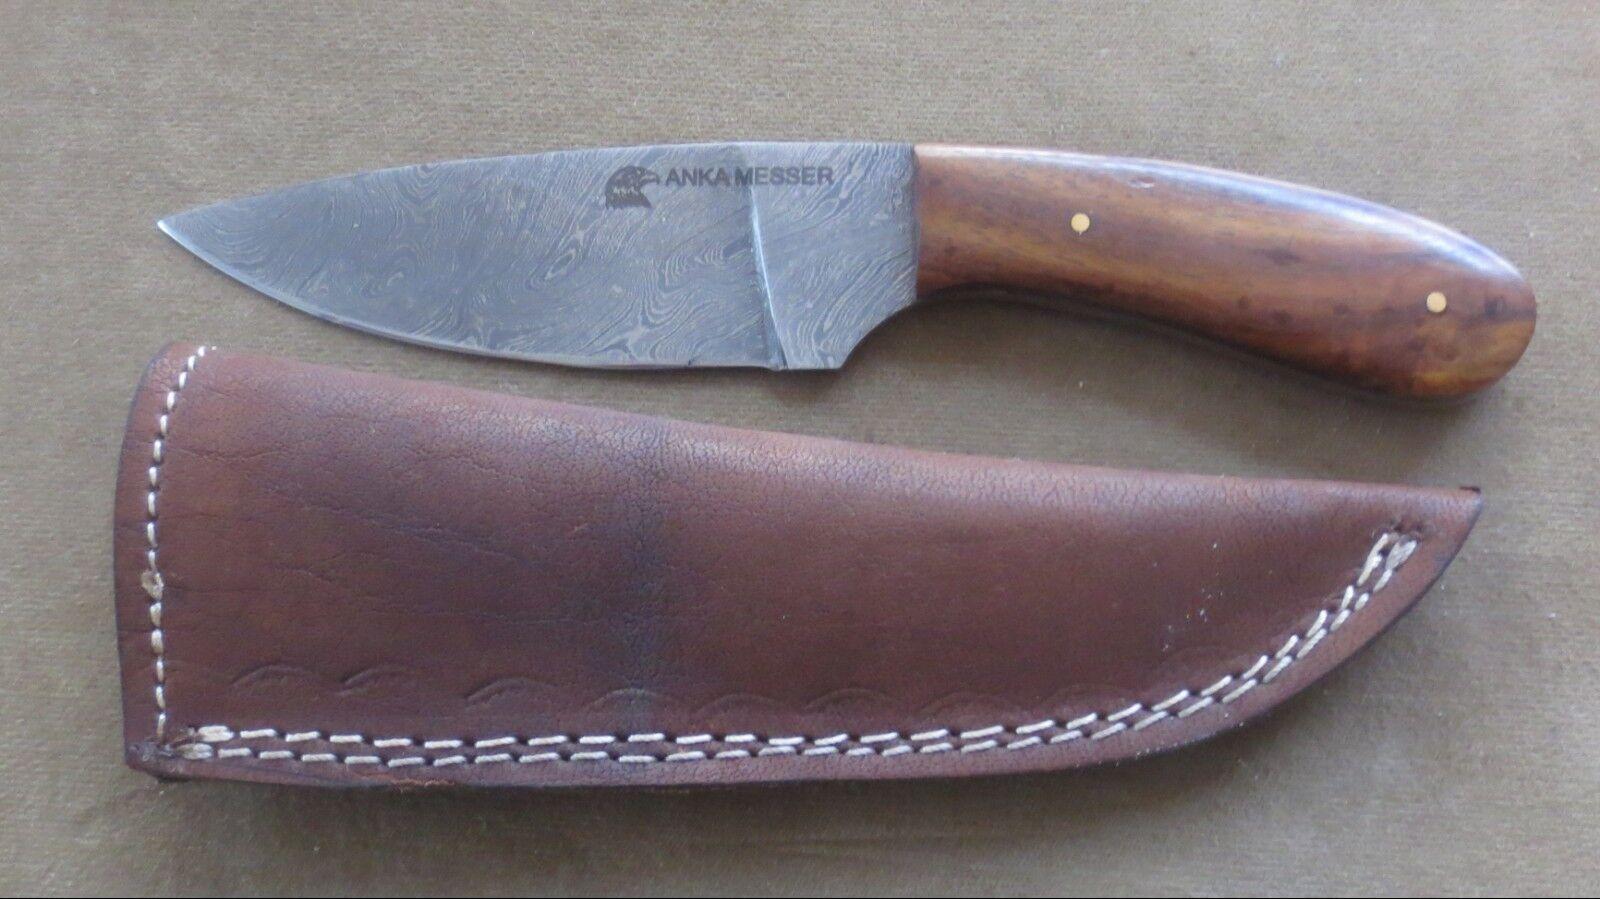 Anka Messer - Damastmesser-Taschenmesser-Jagdmesser stabile Gürtel Leder Scheide